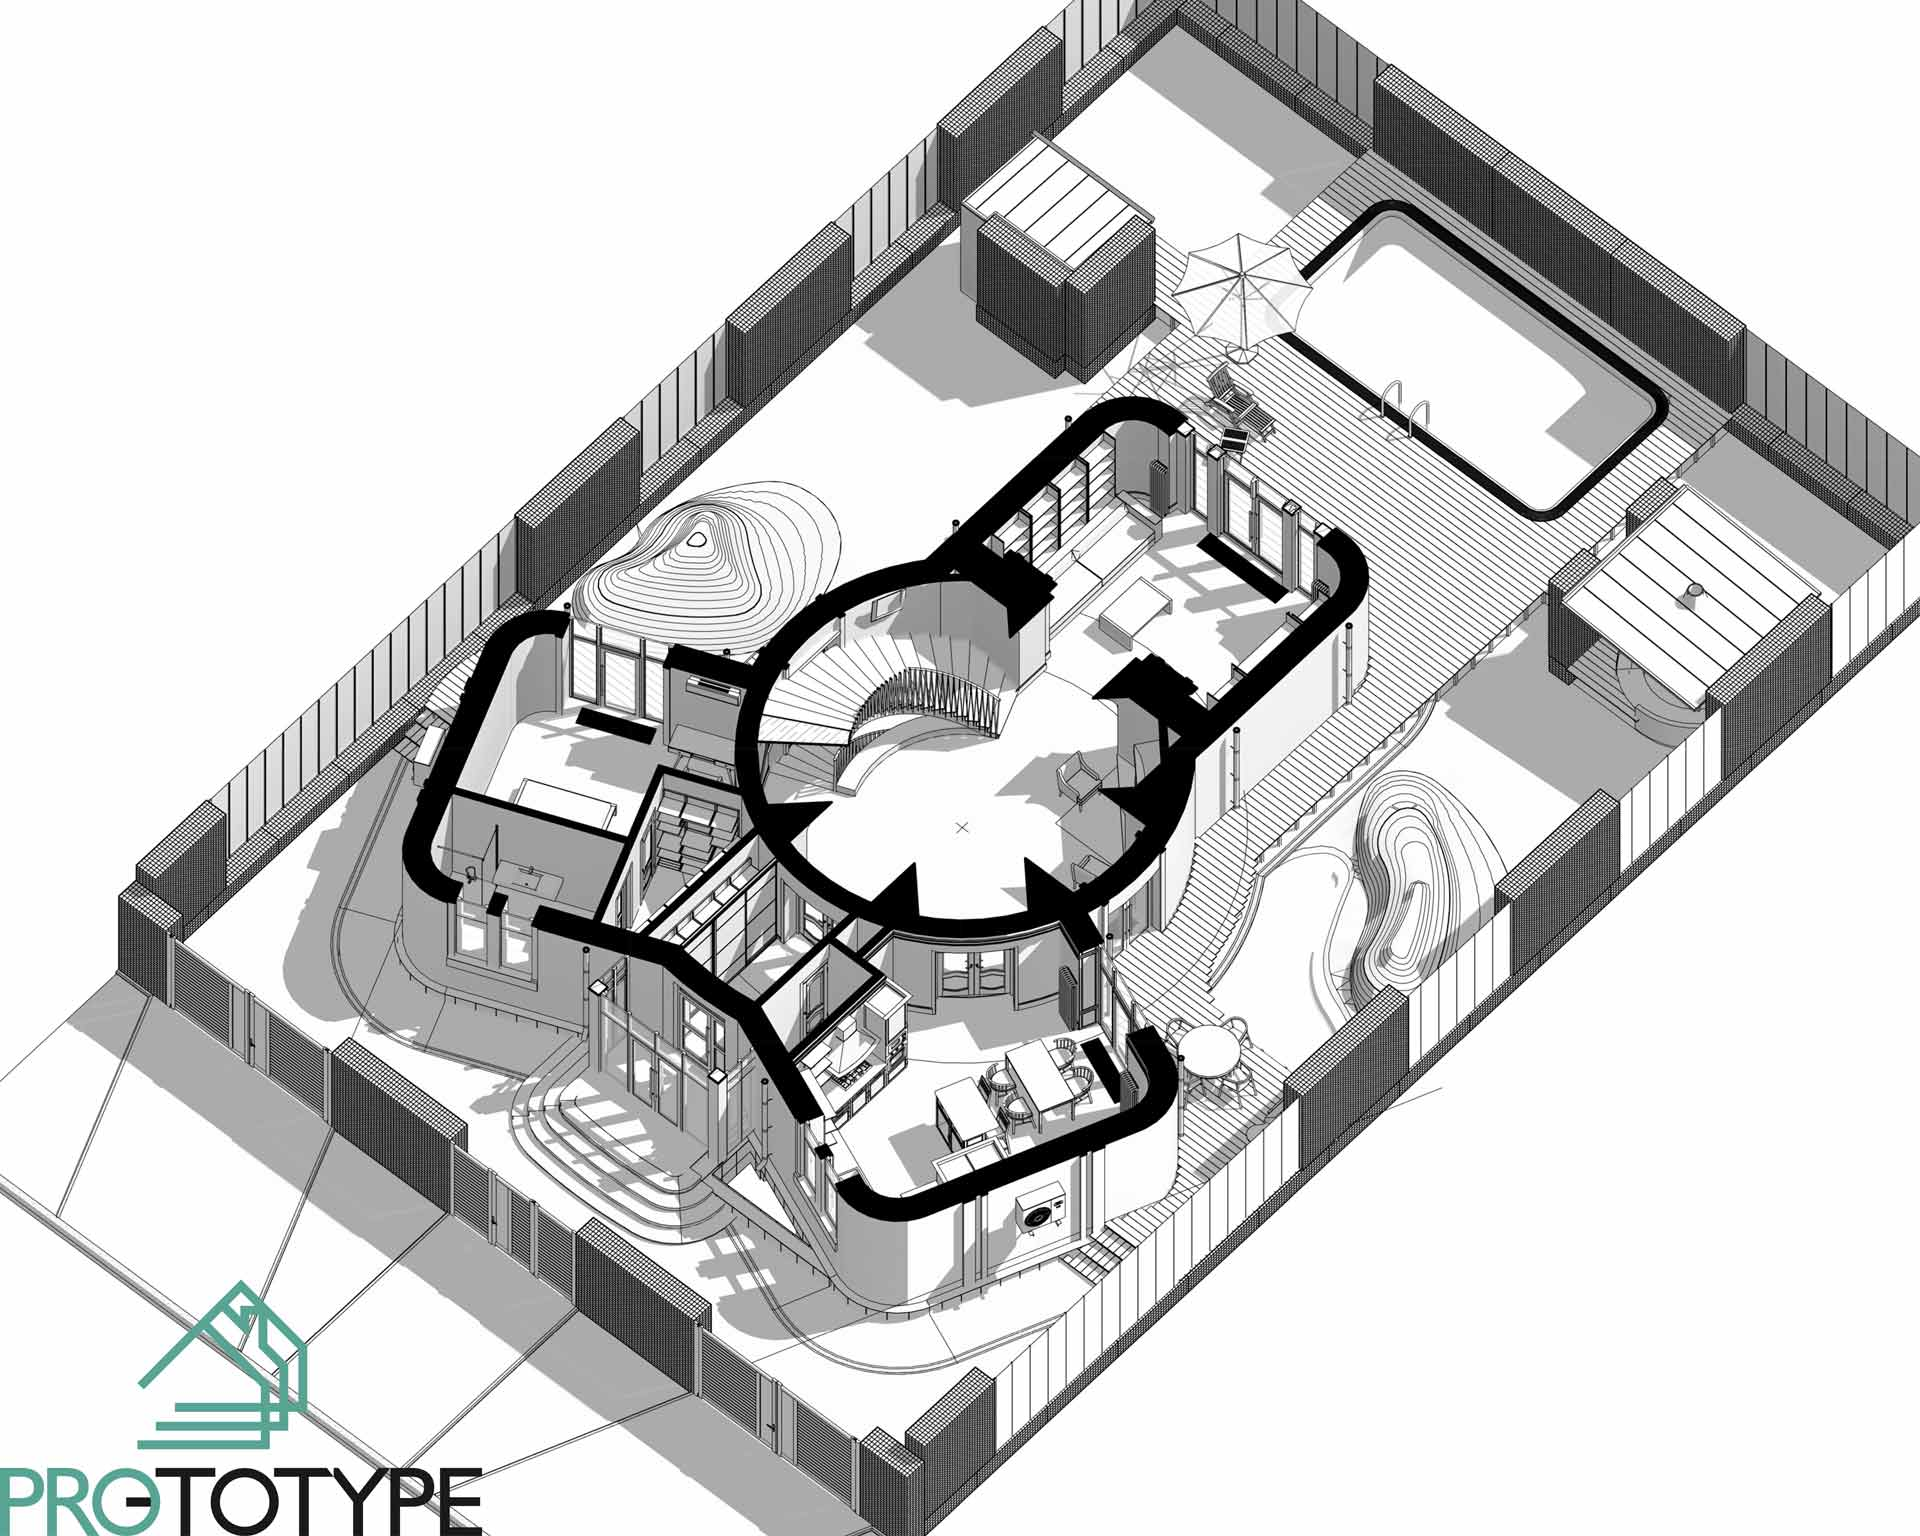 Комплексный архитектурный проект первого этажа с дизайном интерьера и ландшафтом